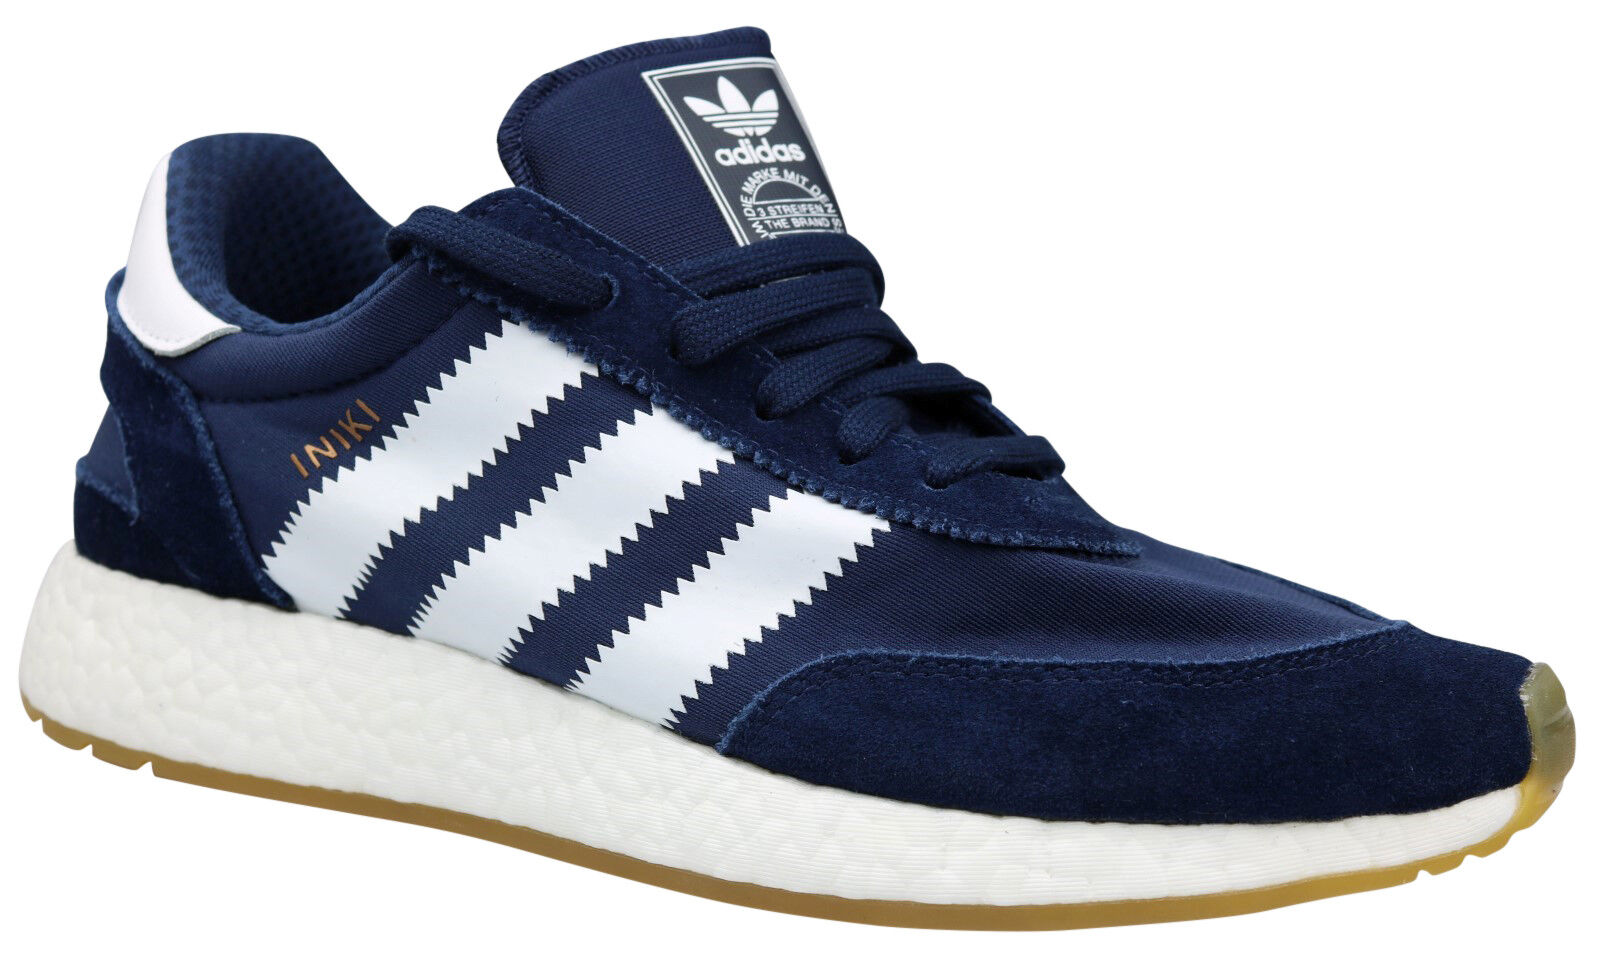 By9729 Runner Cortos Embalaje Originals Azul Con Iniki Zapatos Omyn0vNw8P